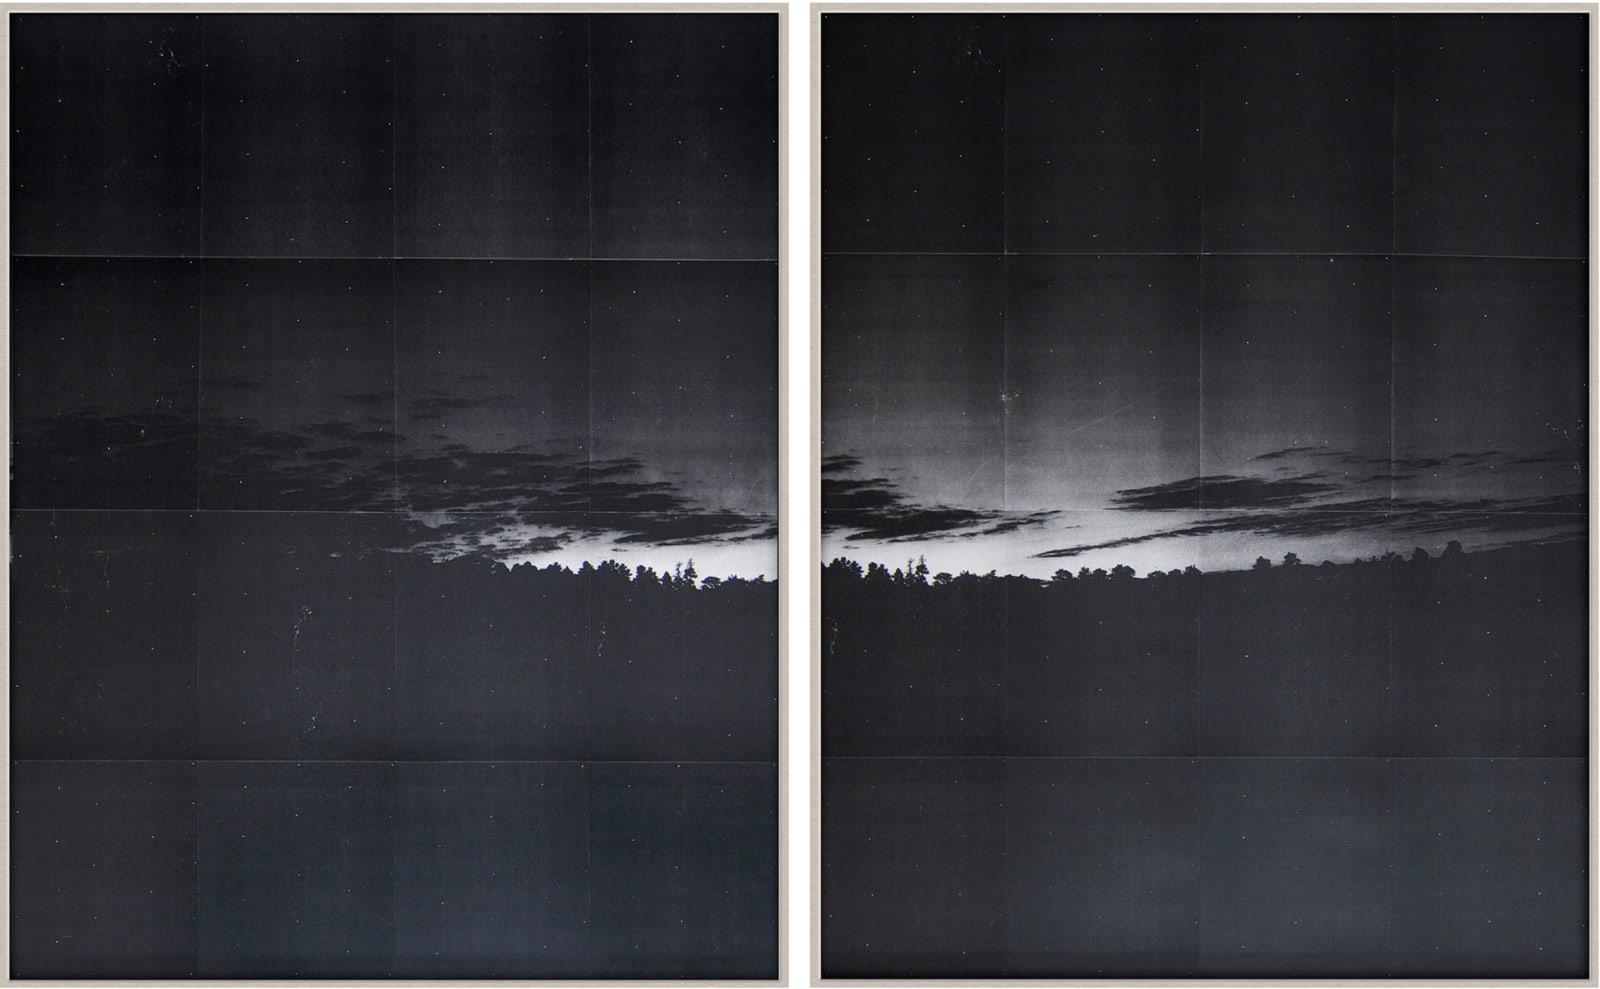 Adam Jeppesen, Untitled 4002 p1 + p2, 2013